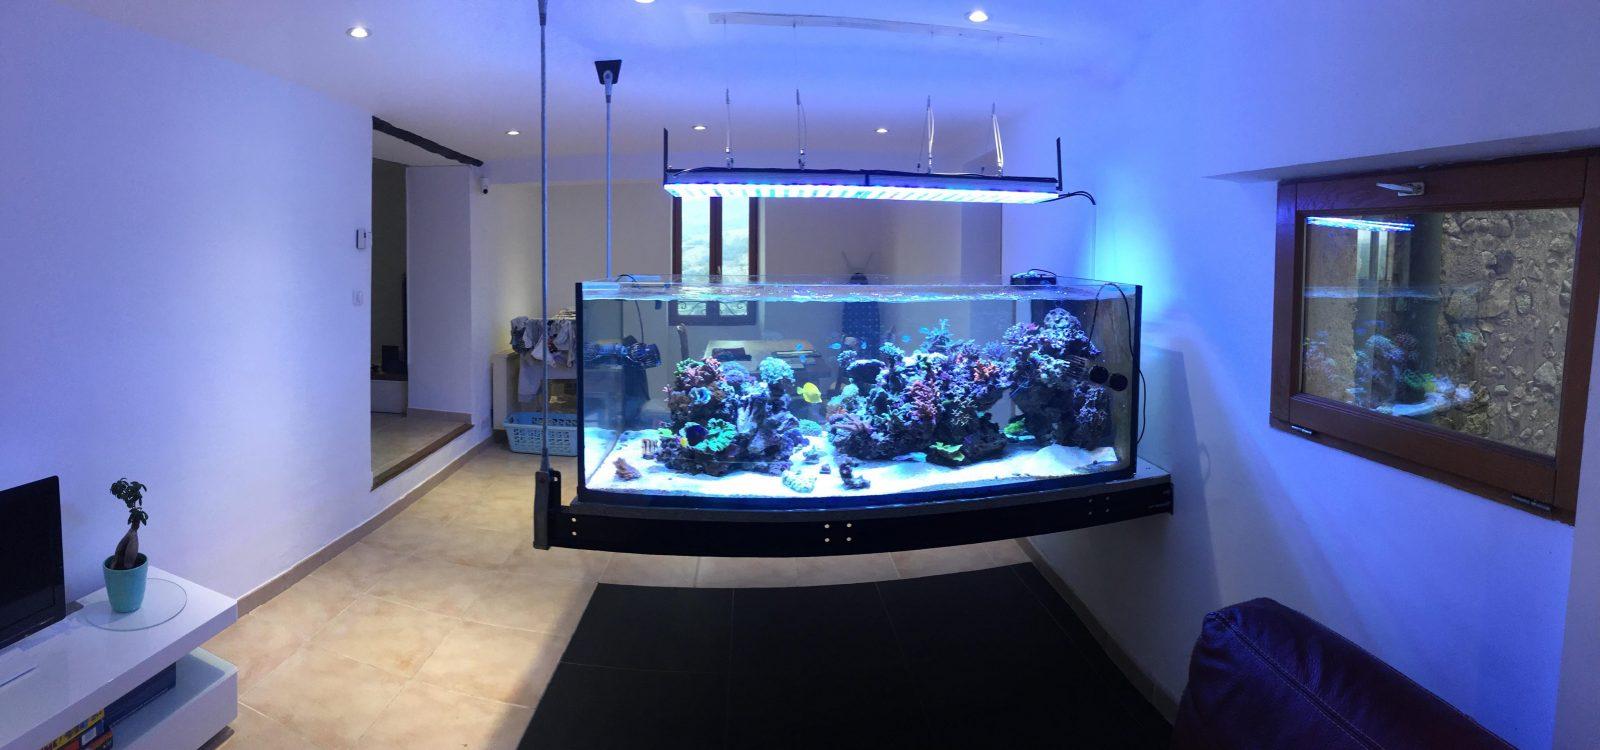 melhor iluminação do tanque de recife 2020